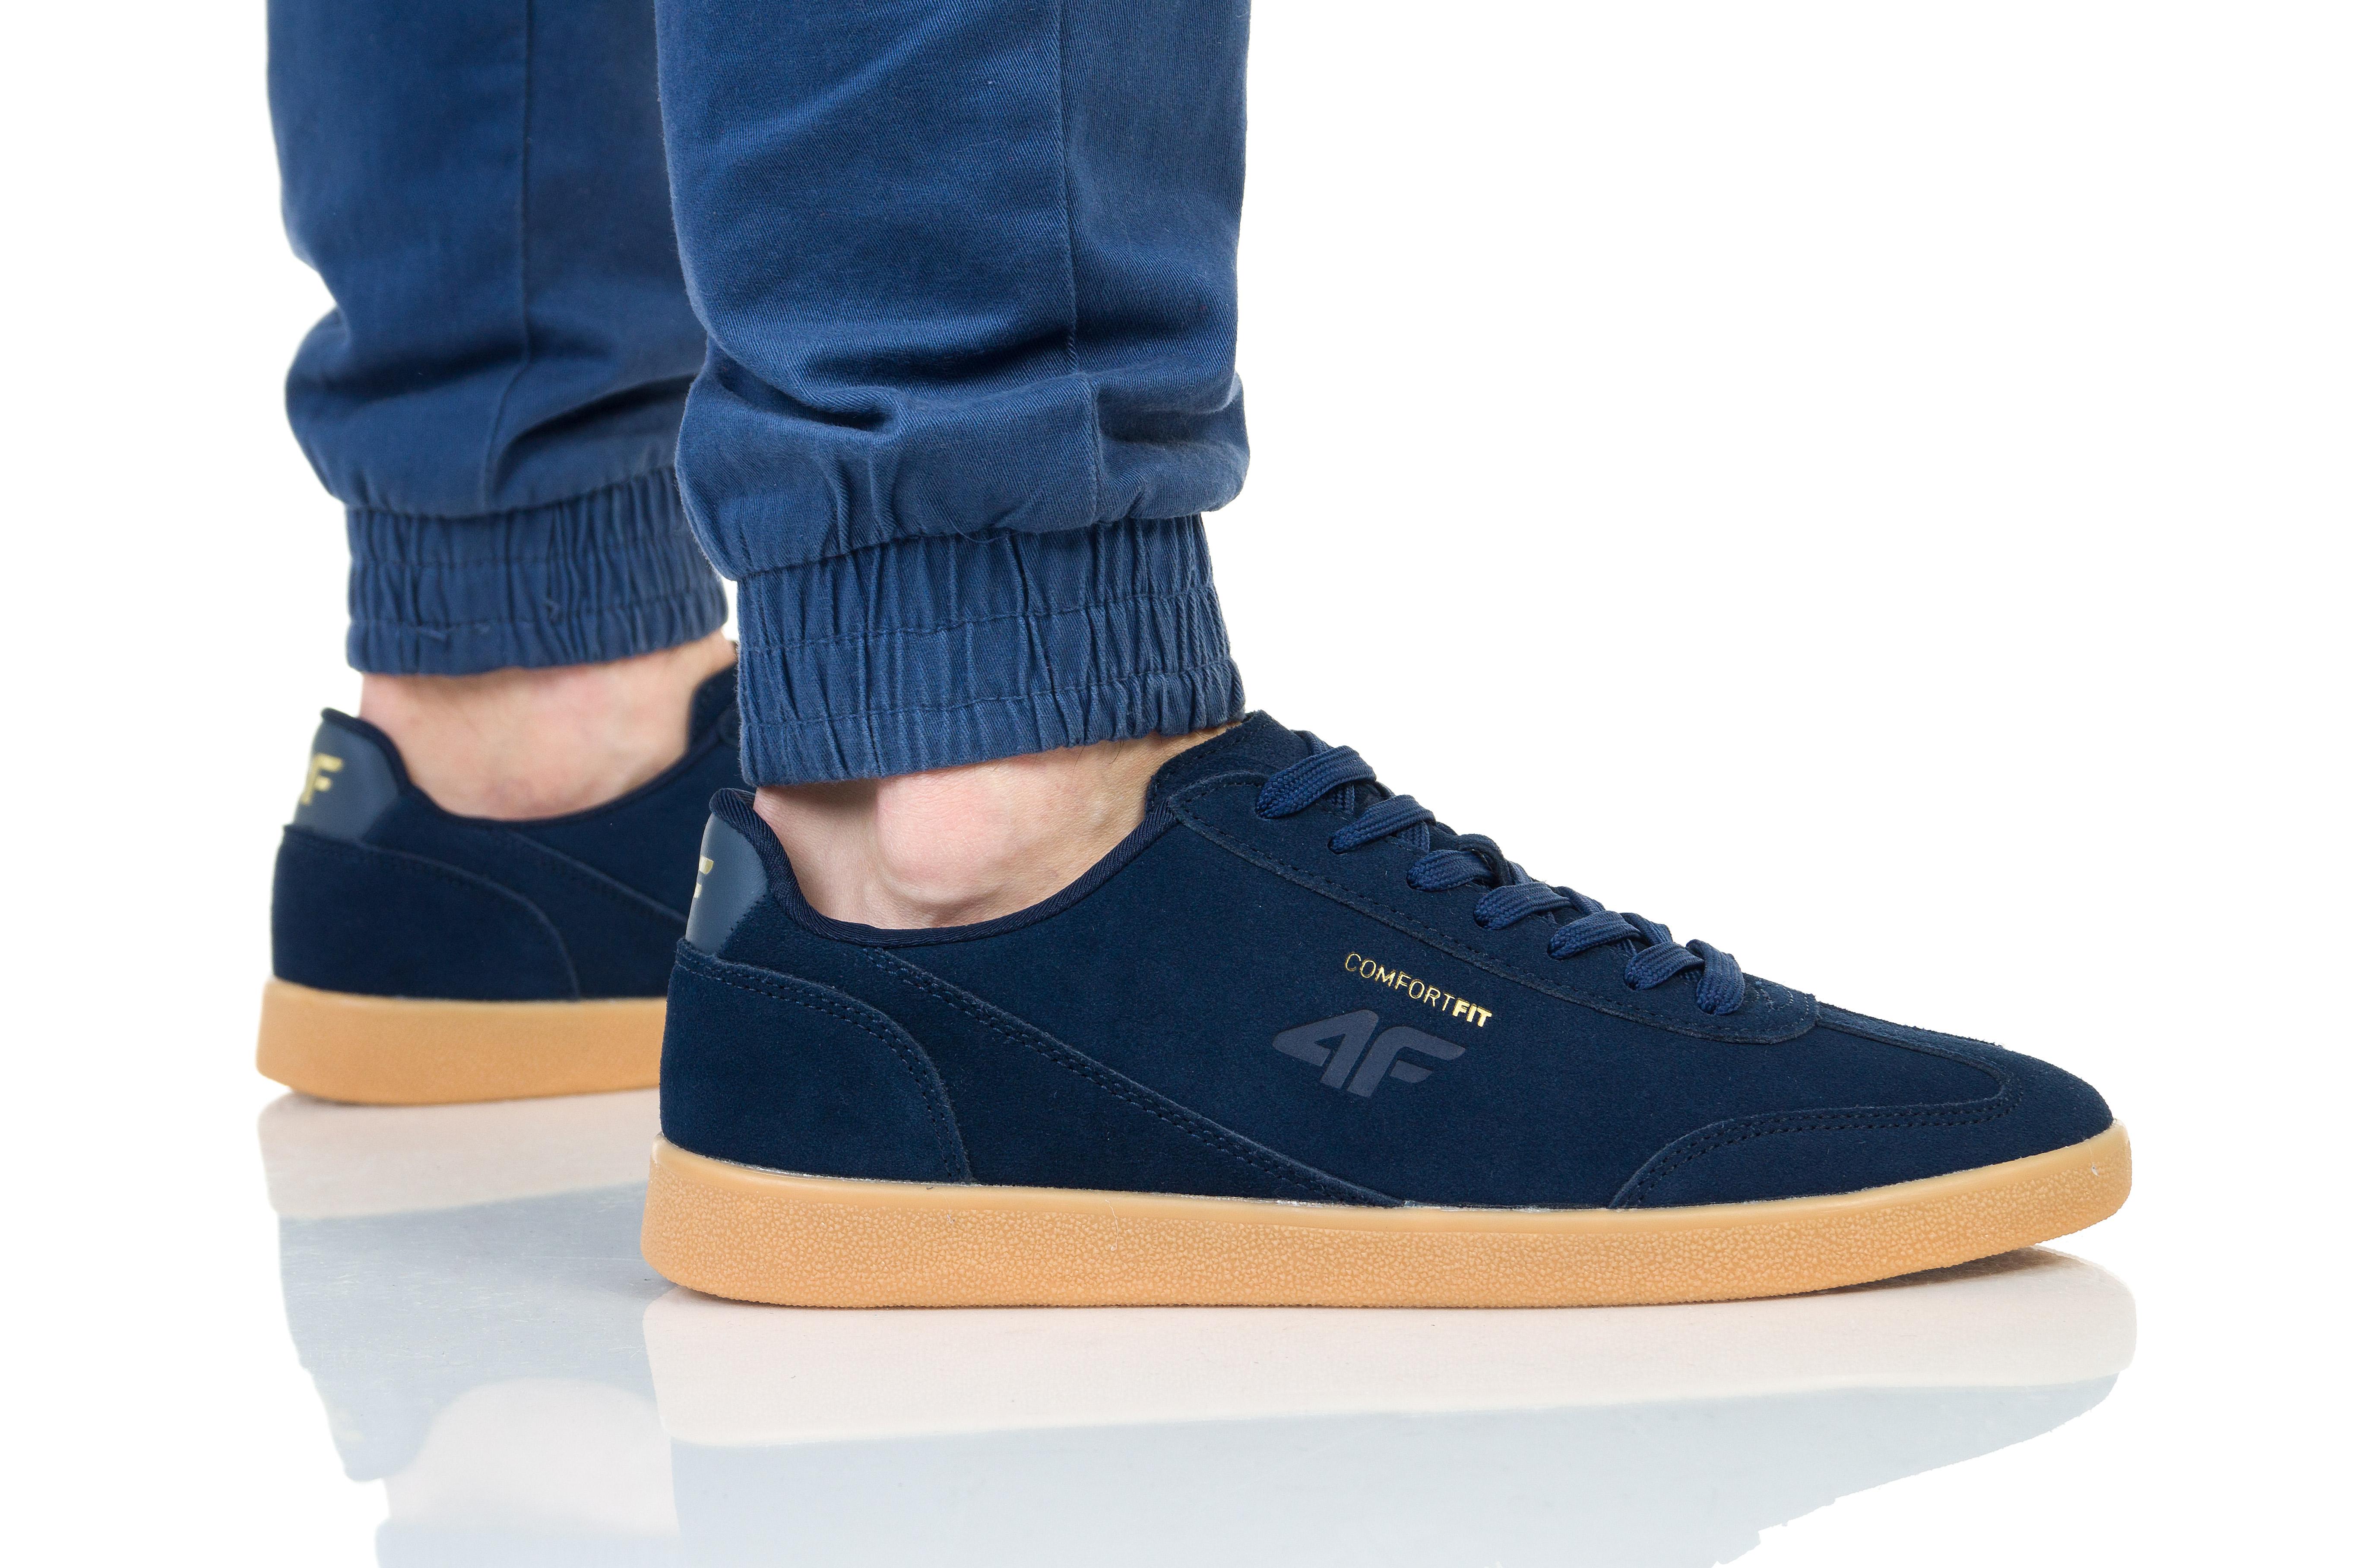 נעליים פור אף לגברים 4F D4L19 OBML201 - כחול